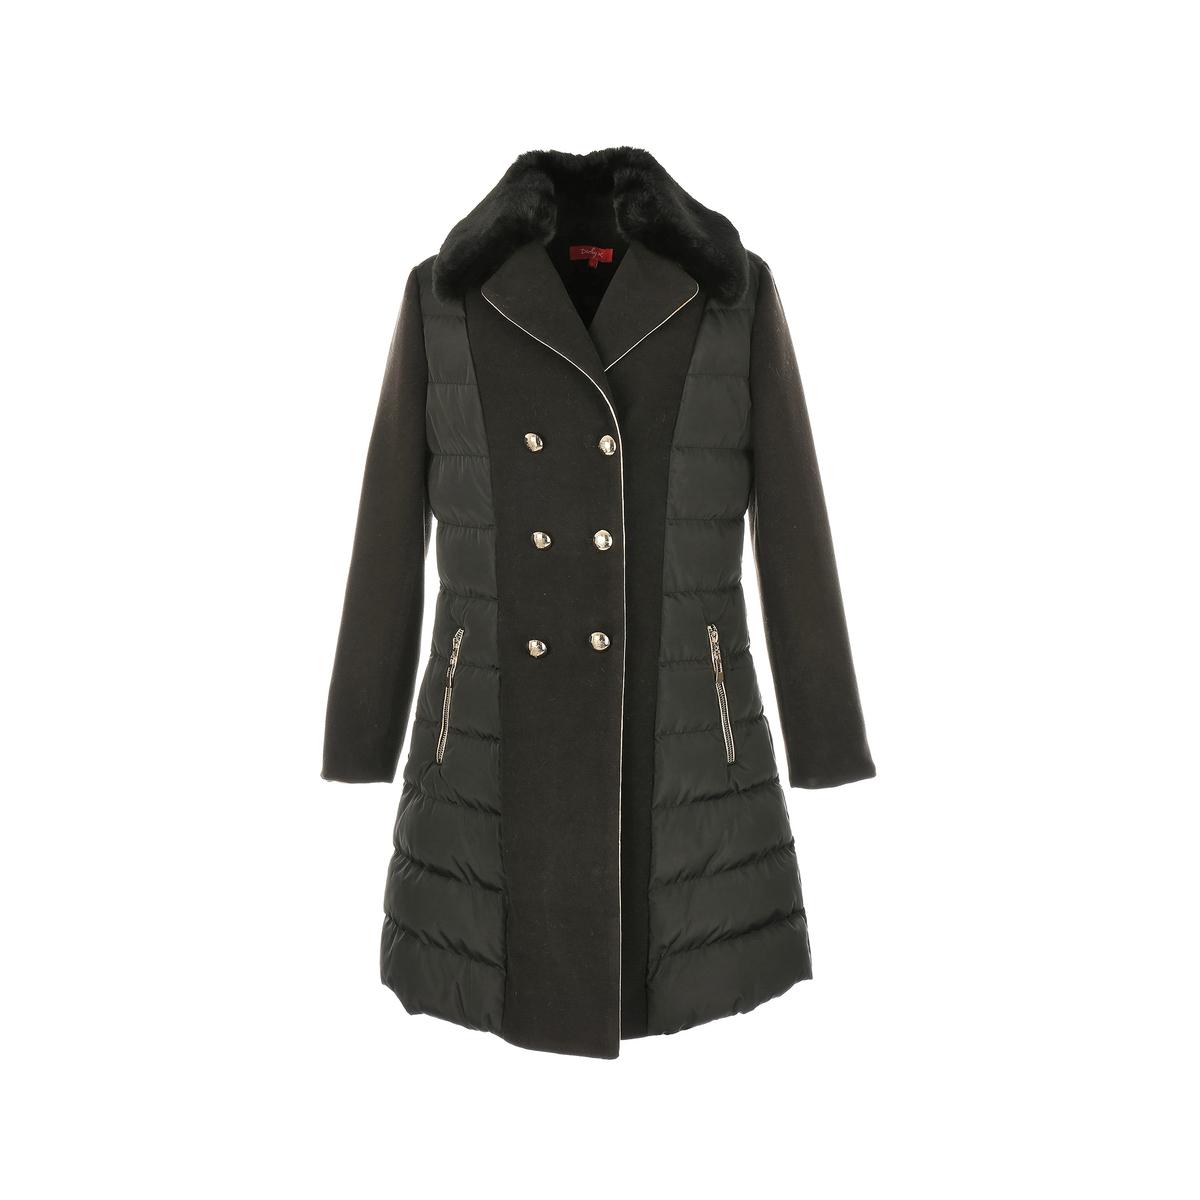 Пальто средней длины, зимняя модельДетали •  Длина  : средняя  •  Воротник-стойка •  Застежка на молнию Состав и уход •  4% вискозы, 96% полиэстера •  Следуйте советам по уходу, указанным на этикетке<br><br>Цвет: черный